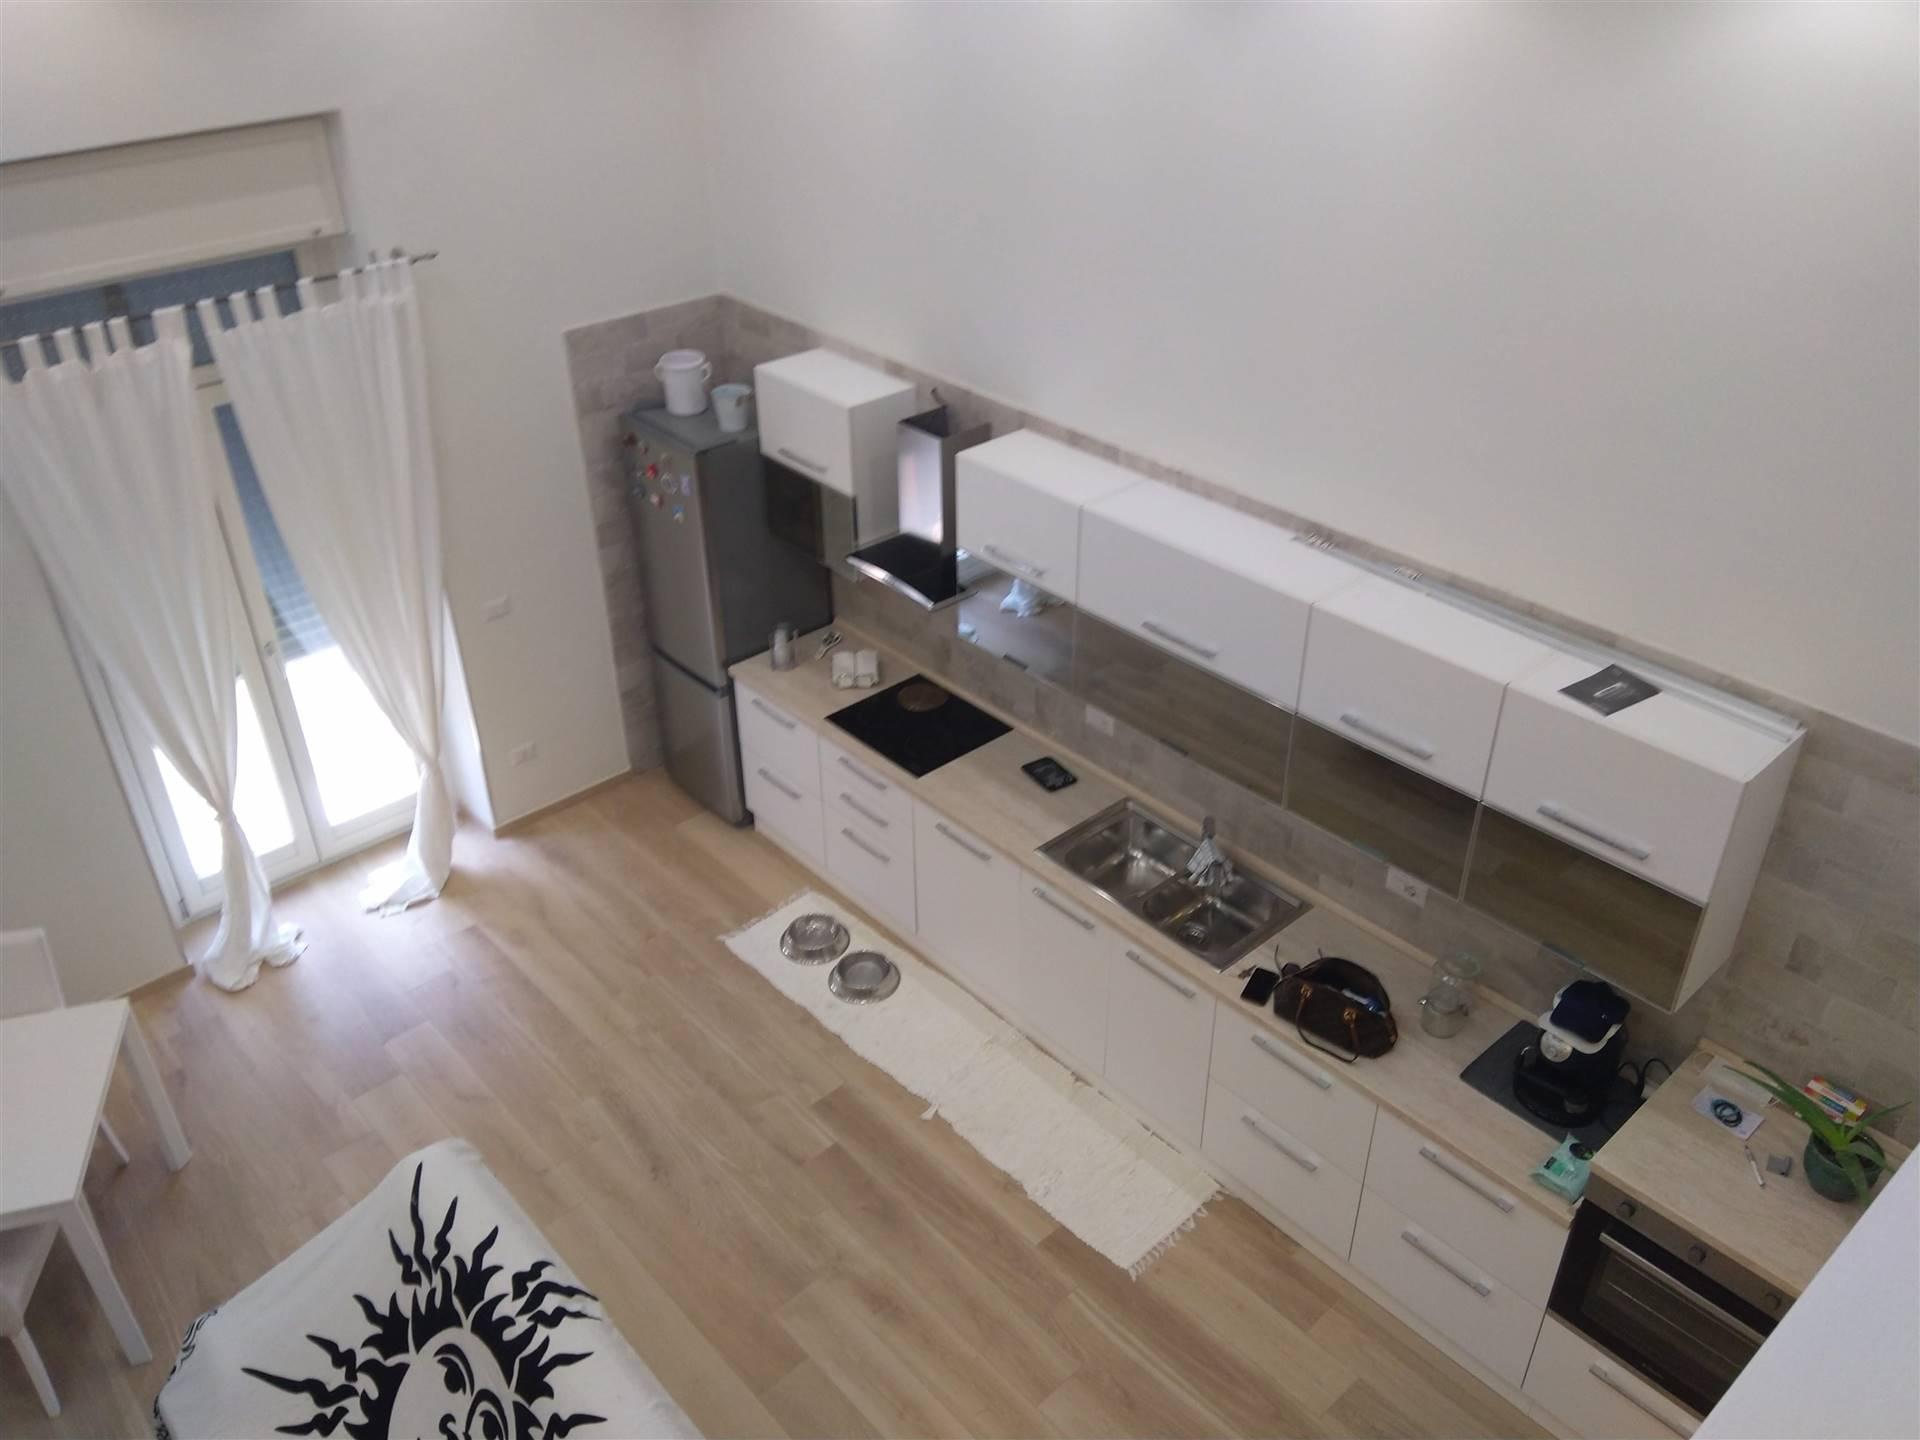 Appartamento in vendita a Brindisi, 4 locali, zona Località: CENTRO CITTÀ, prezzo € 180.000 | PortaleAgenzieImmobiliari.it